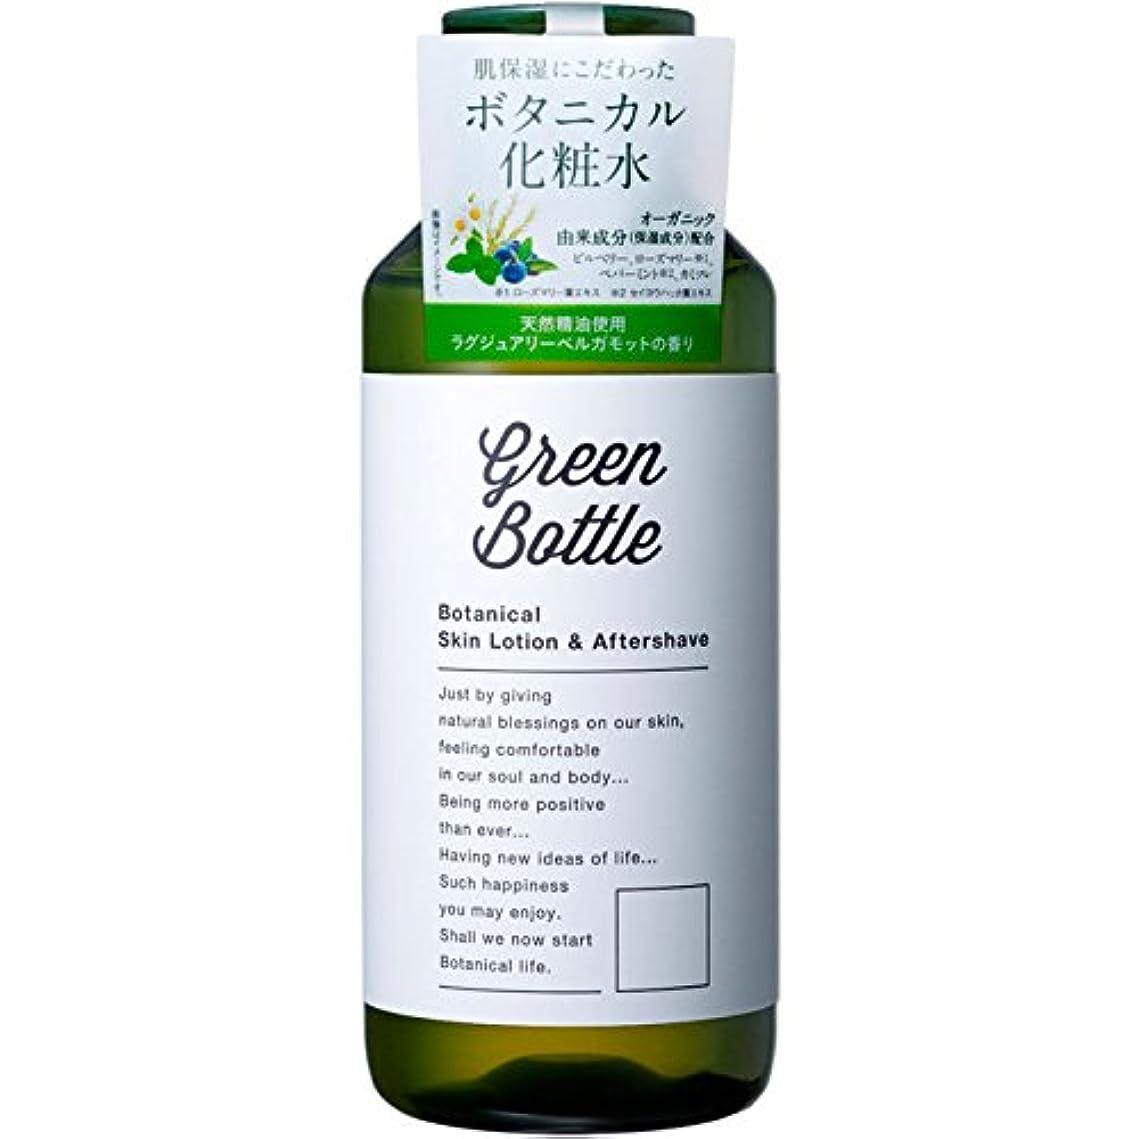 クラウン多年生クラスグリーンボトル ボタニカル化粧水